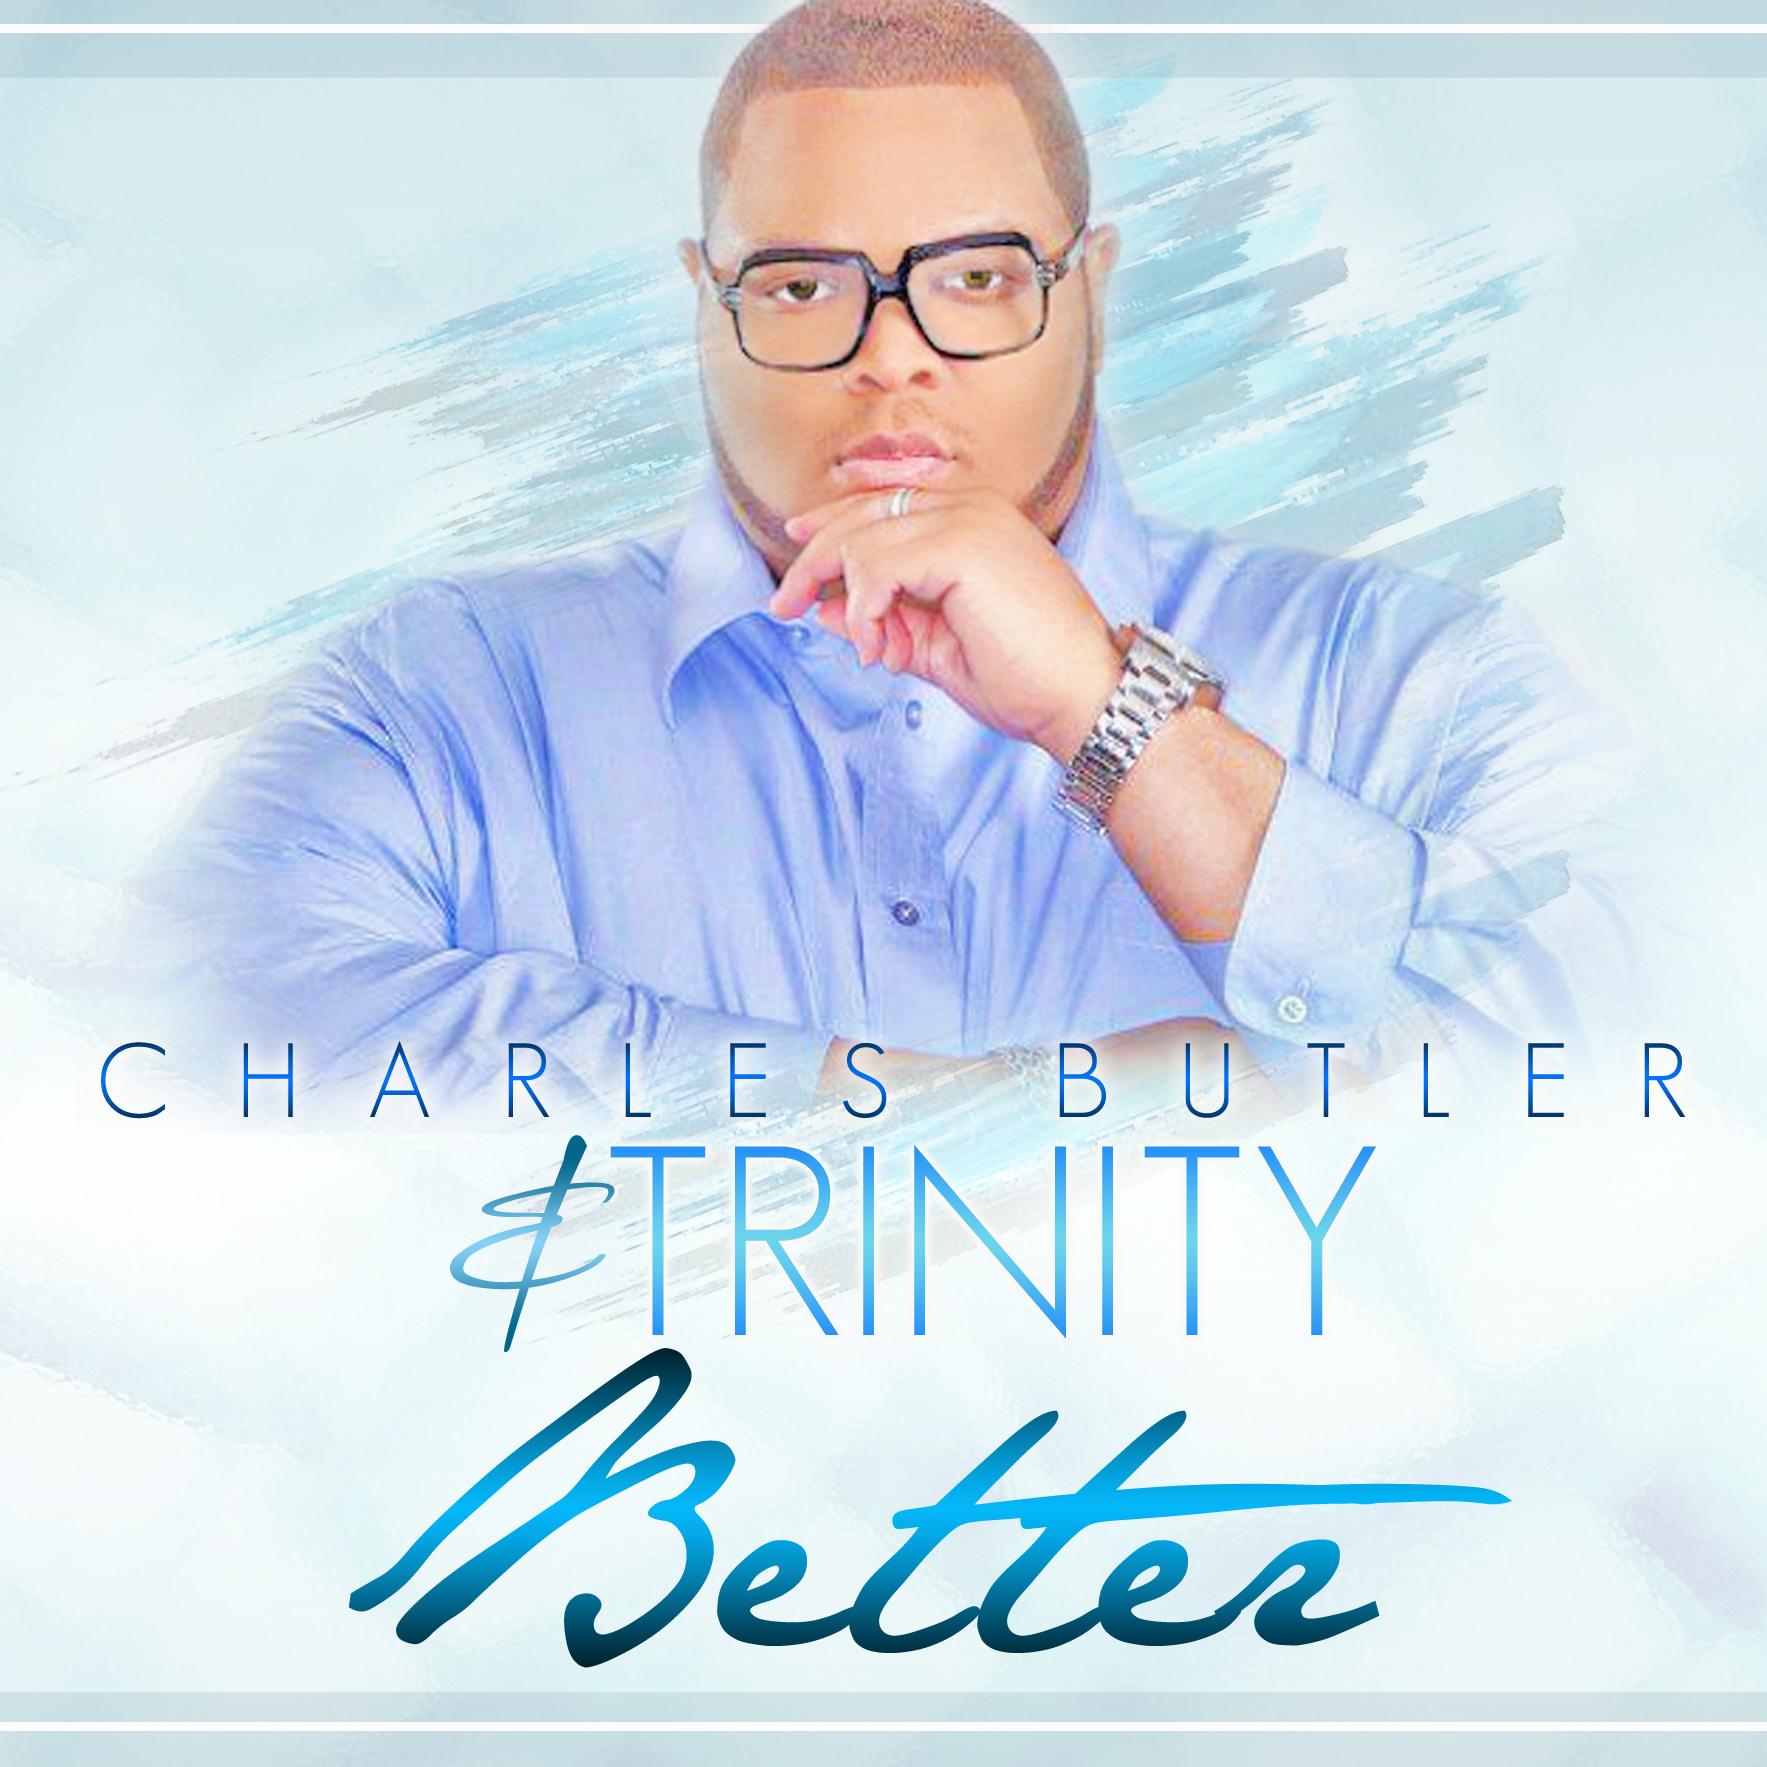 CharlesButler